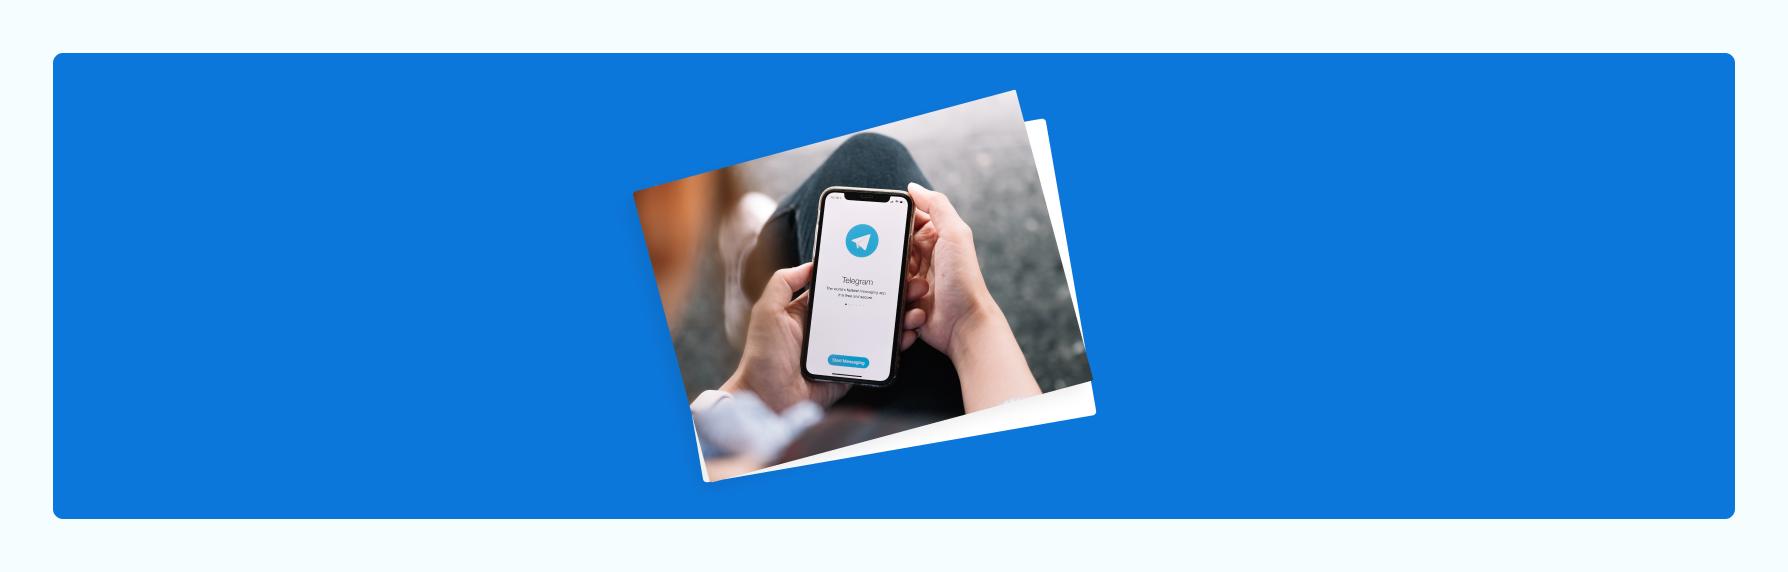 Telegram Business - Der Guide für Unternehmer